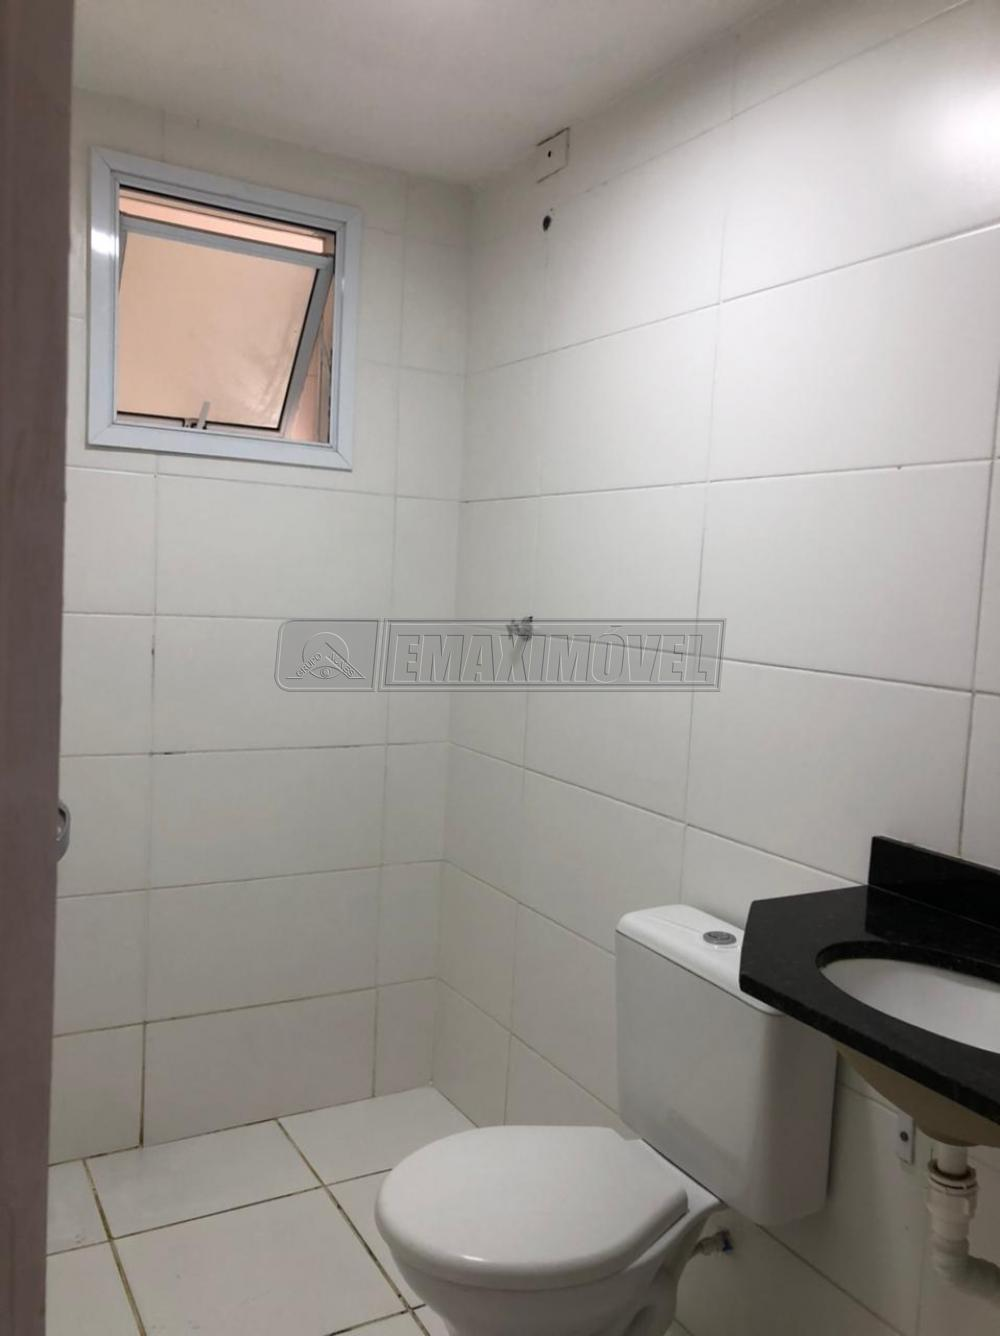 Comprar Apartamento / Padrão em Votorantim R$ 360.000,00 - Foto 13